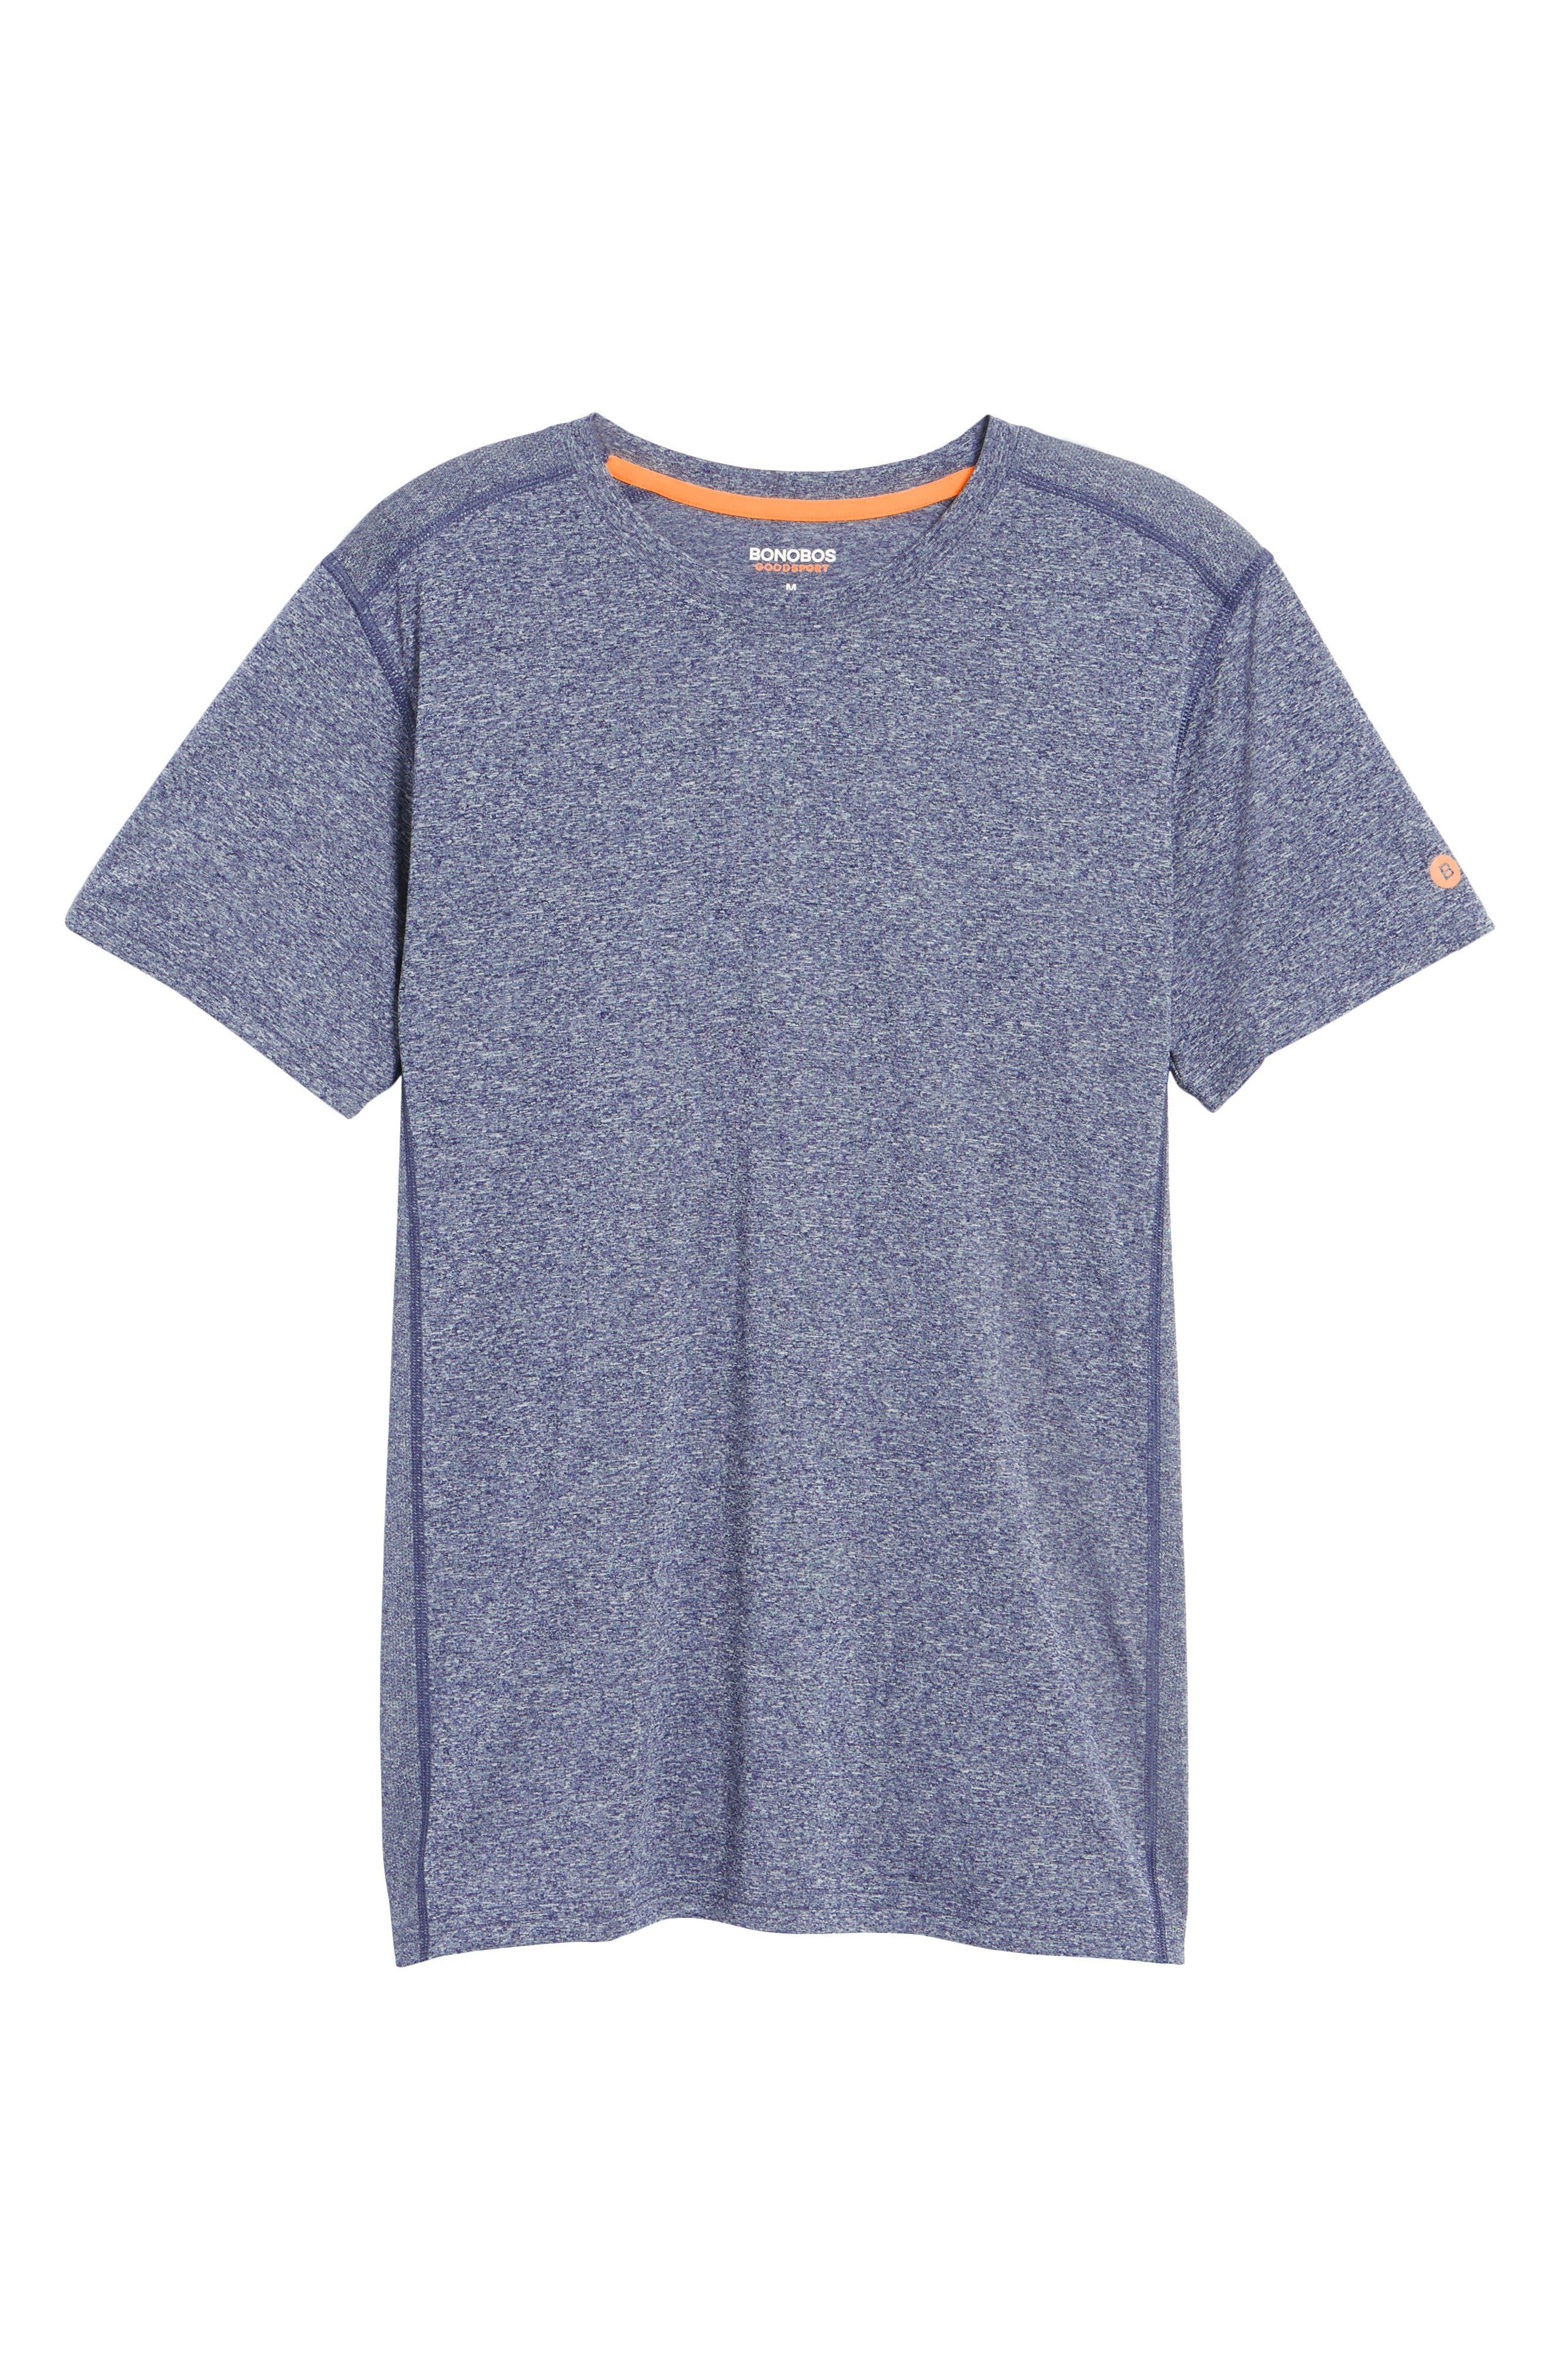 Goodsport Mesh Panel T-Shirt,                             Alternate thumbnail 35, color,